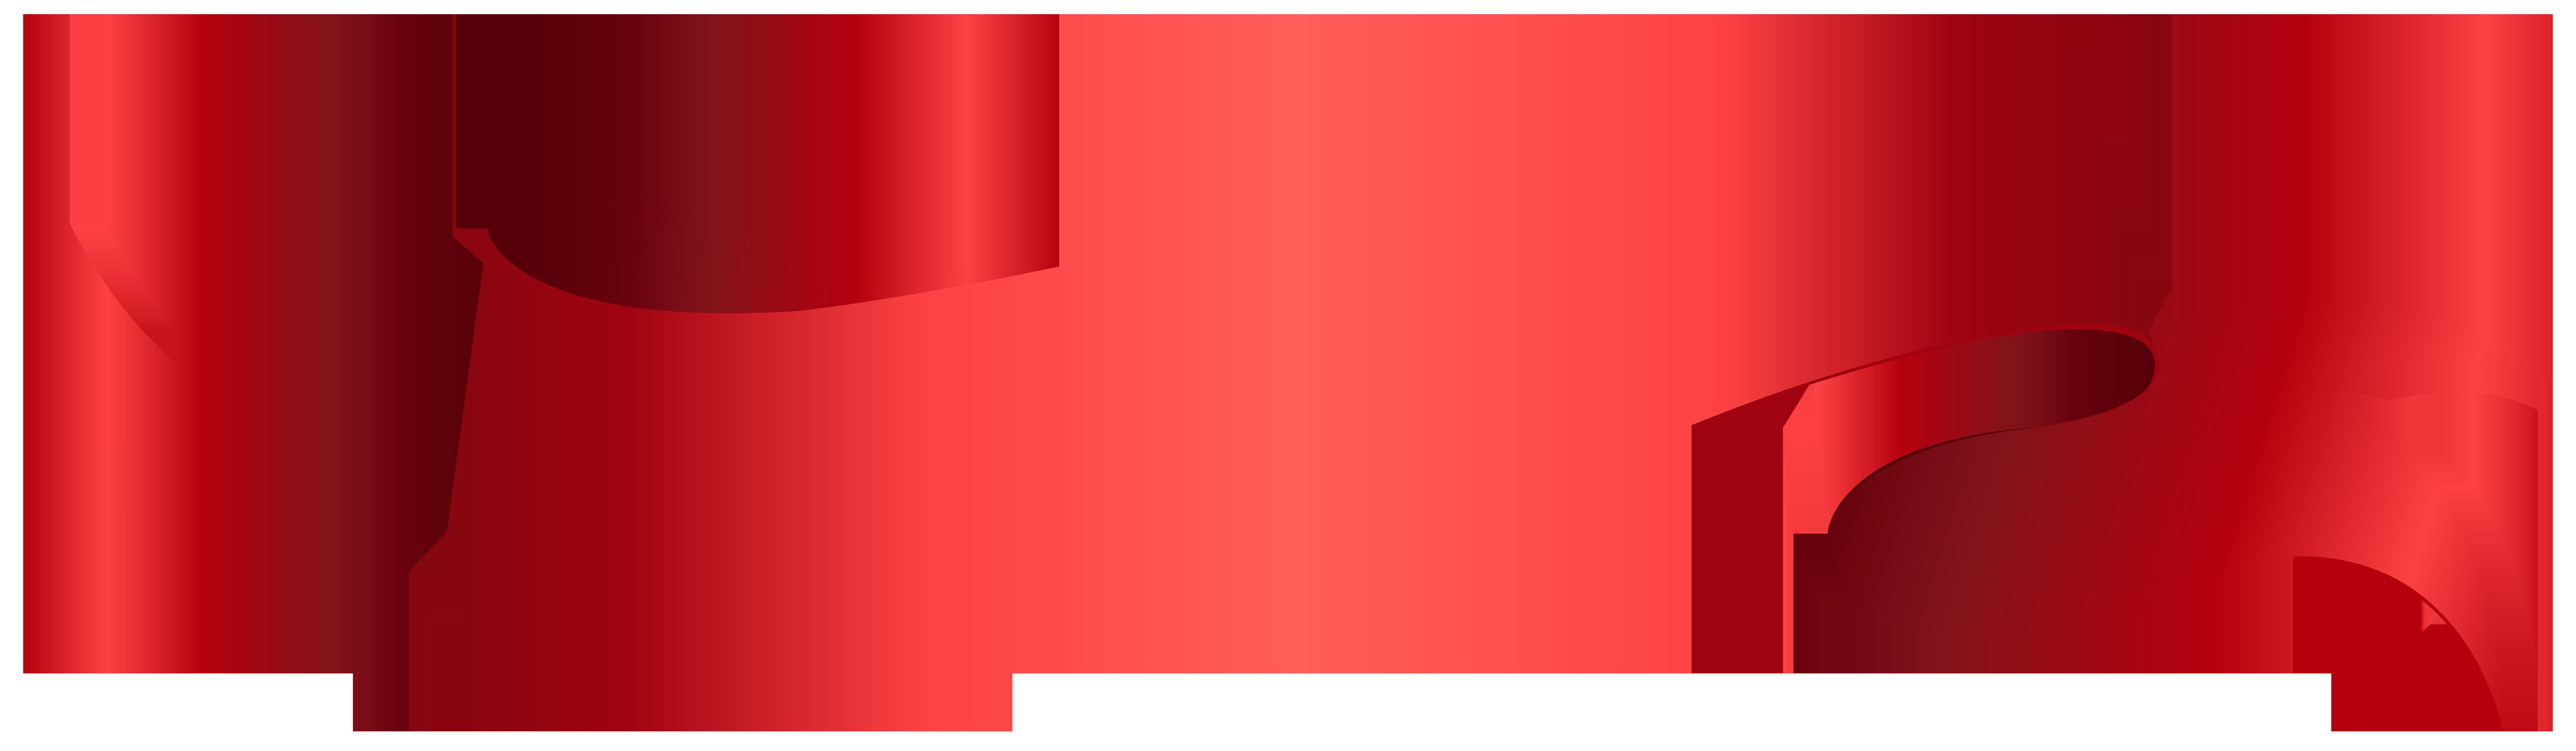 Banner Red PNG Clip Art Transparent Image.